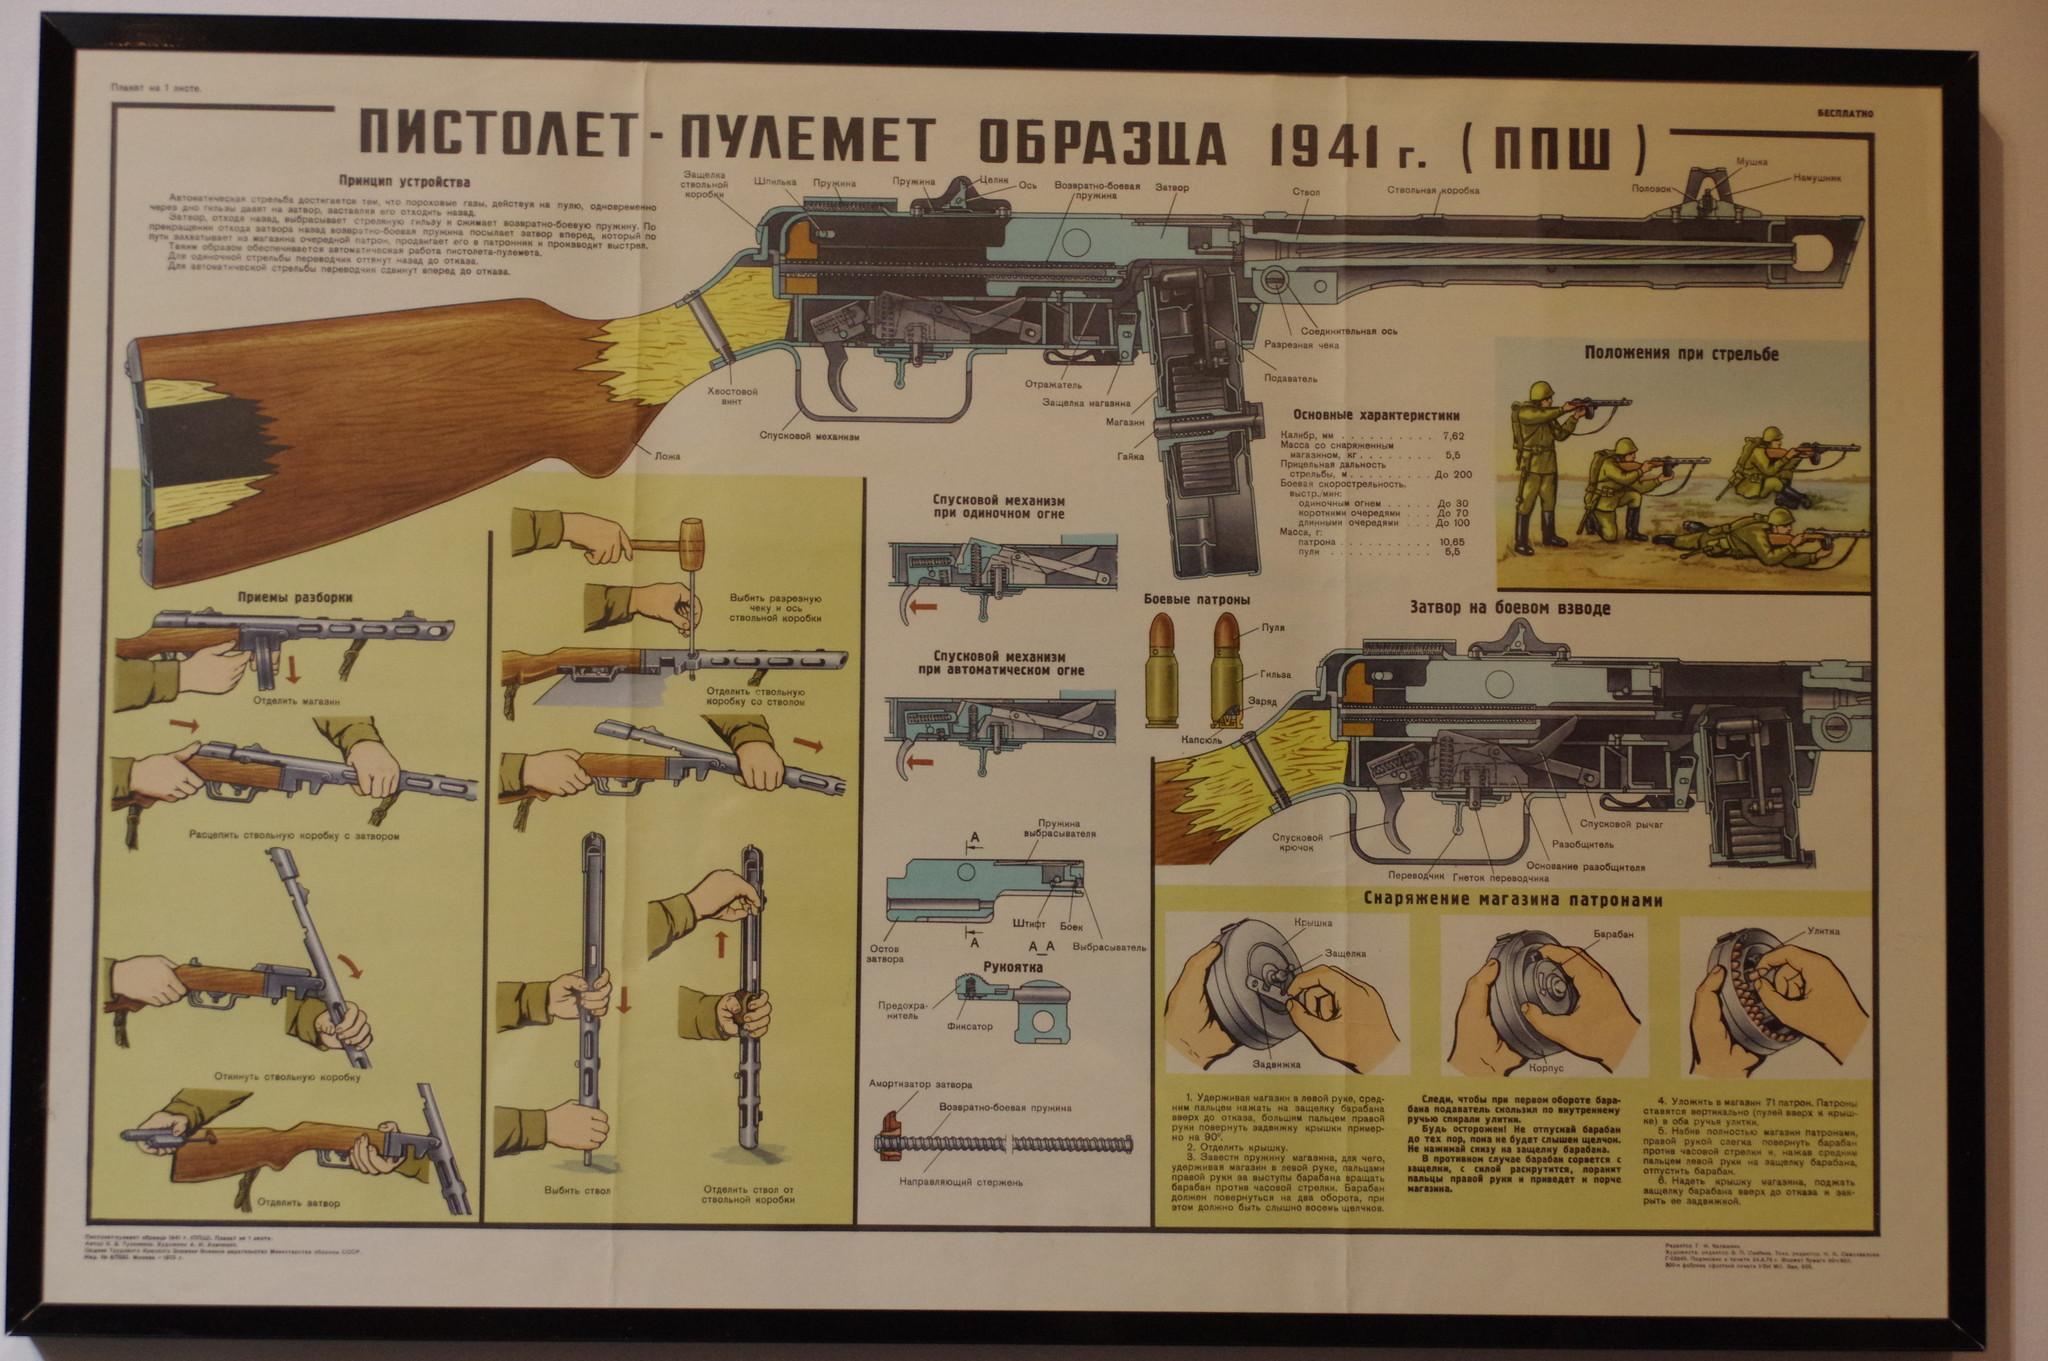 7,62-мм пистолет-пулемёт образца 1941 г. системы Шпагина (ППШ). Музей Победы